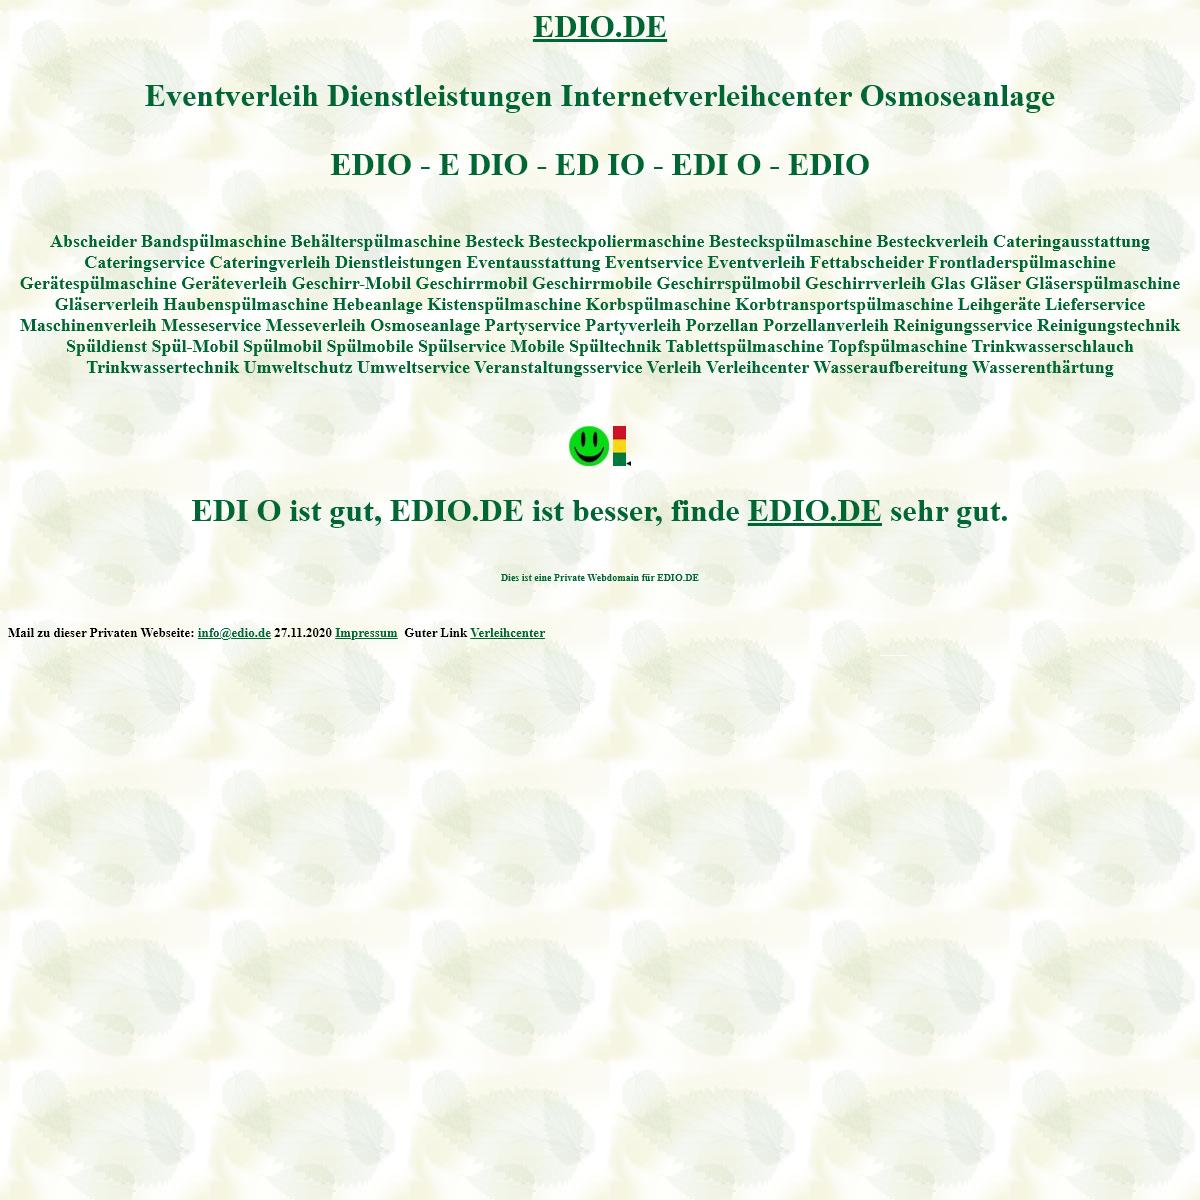 edio Eventverleih Dienstleistungen verleihcenter Osmoseanlage Spülmobil Verleih Geschirrmobil Mieten